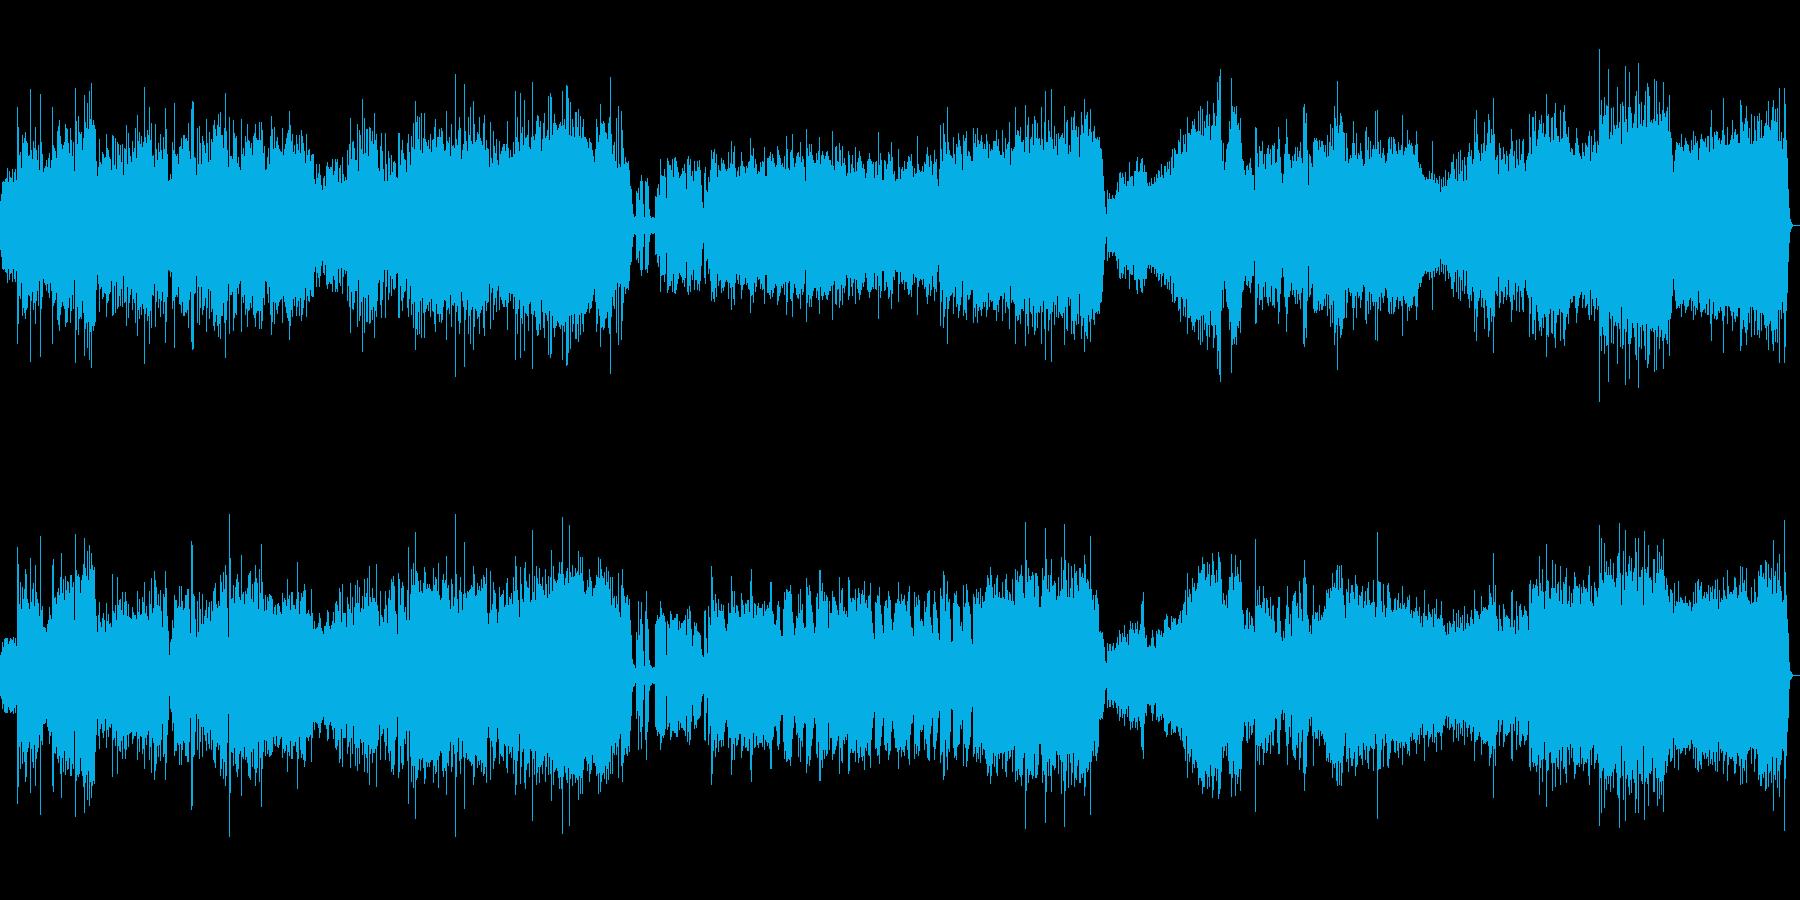 組曲「惑星」より木星(オリジナル版)の再生済みの波形